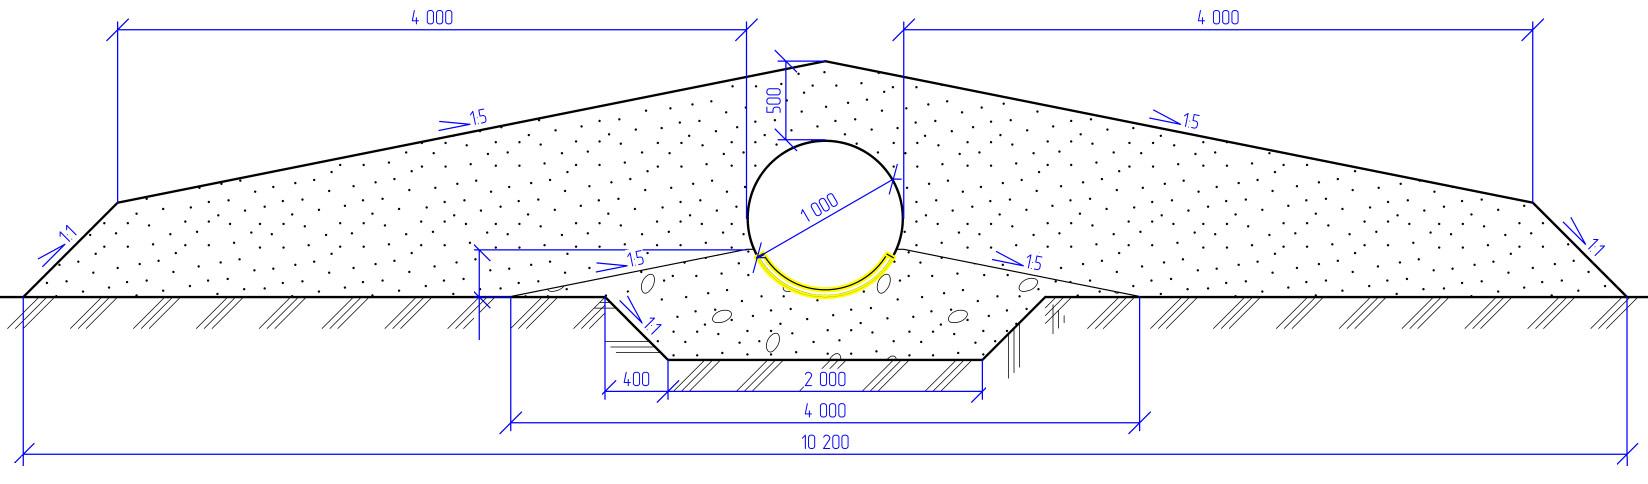 Отображение защитного лотка начертеже поперечного сечения трубы